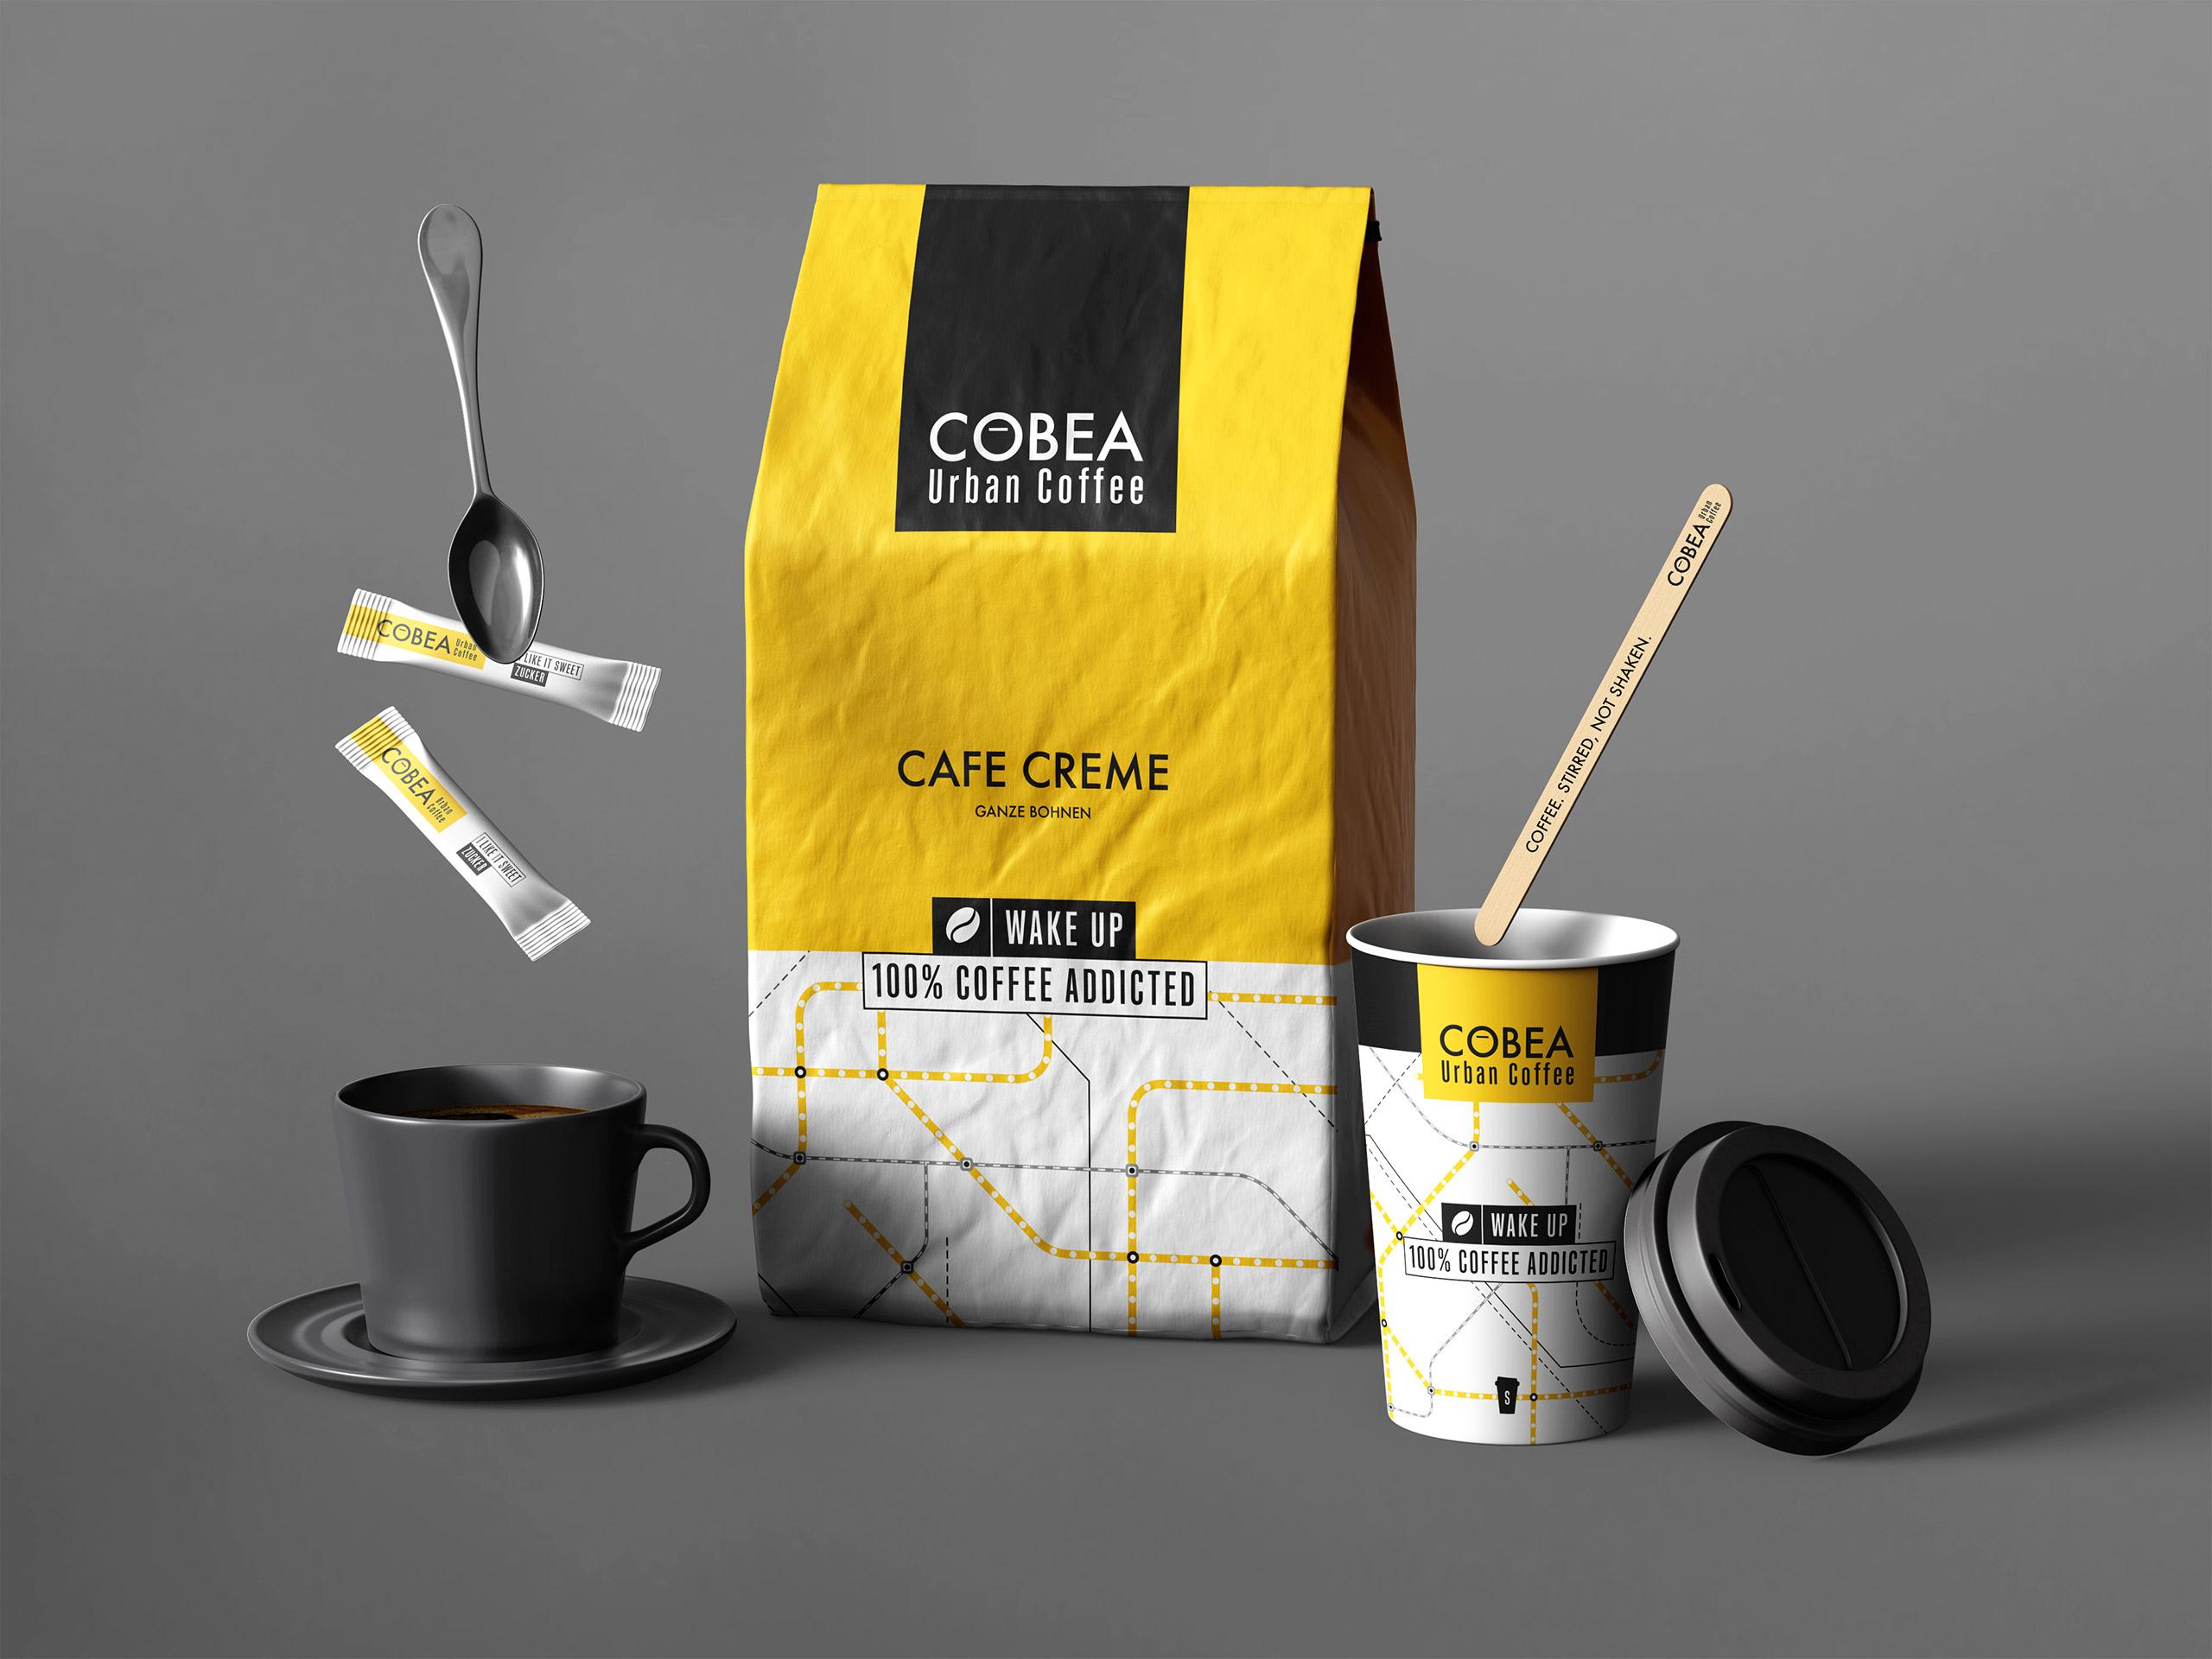 COBEA Urban Coffee